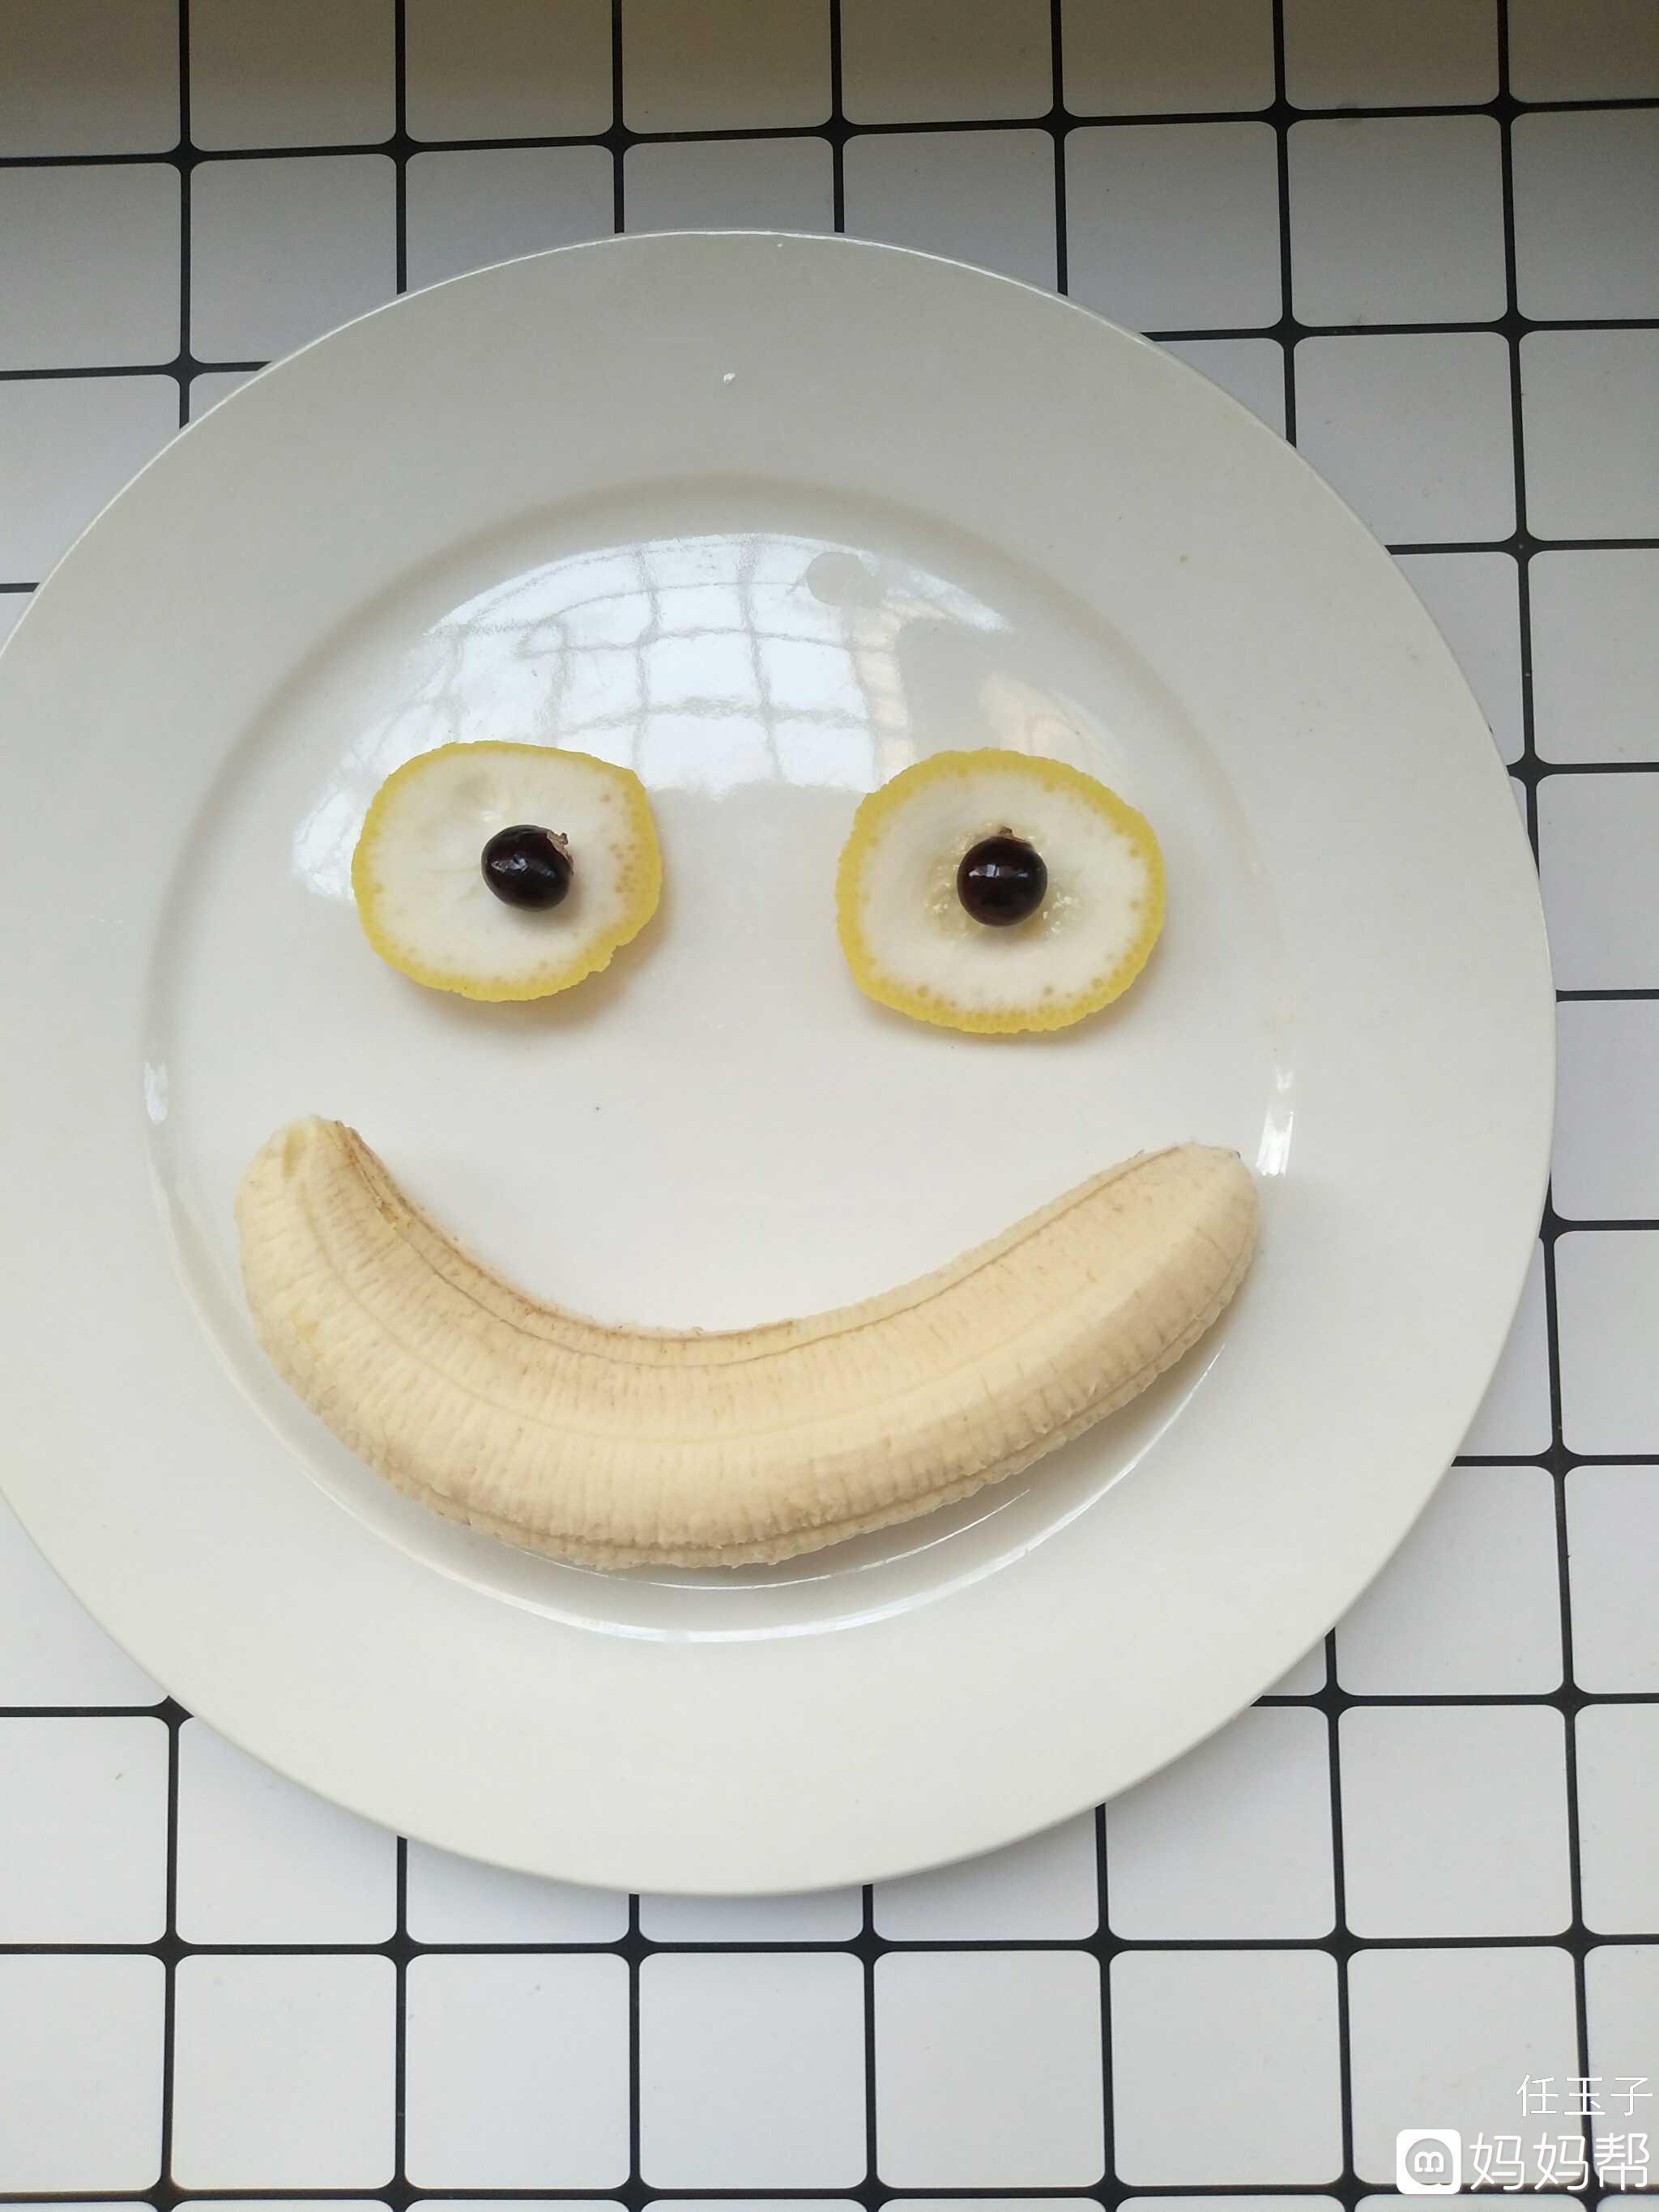 瓜子拼图的女孩,果艺手工做的笑脸.